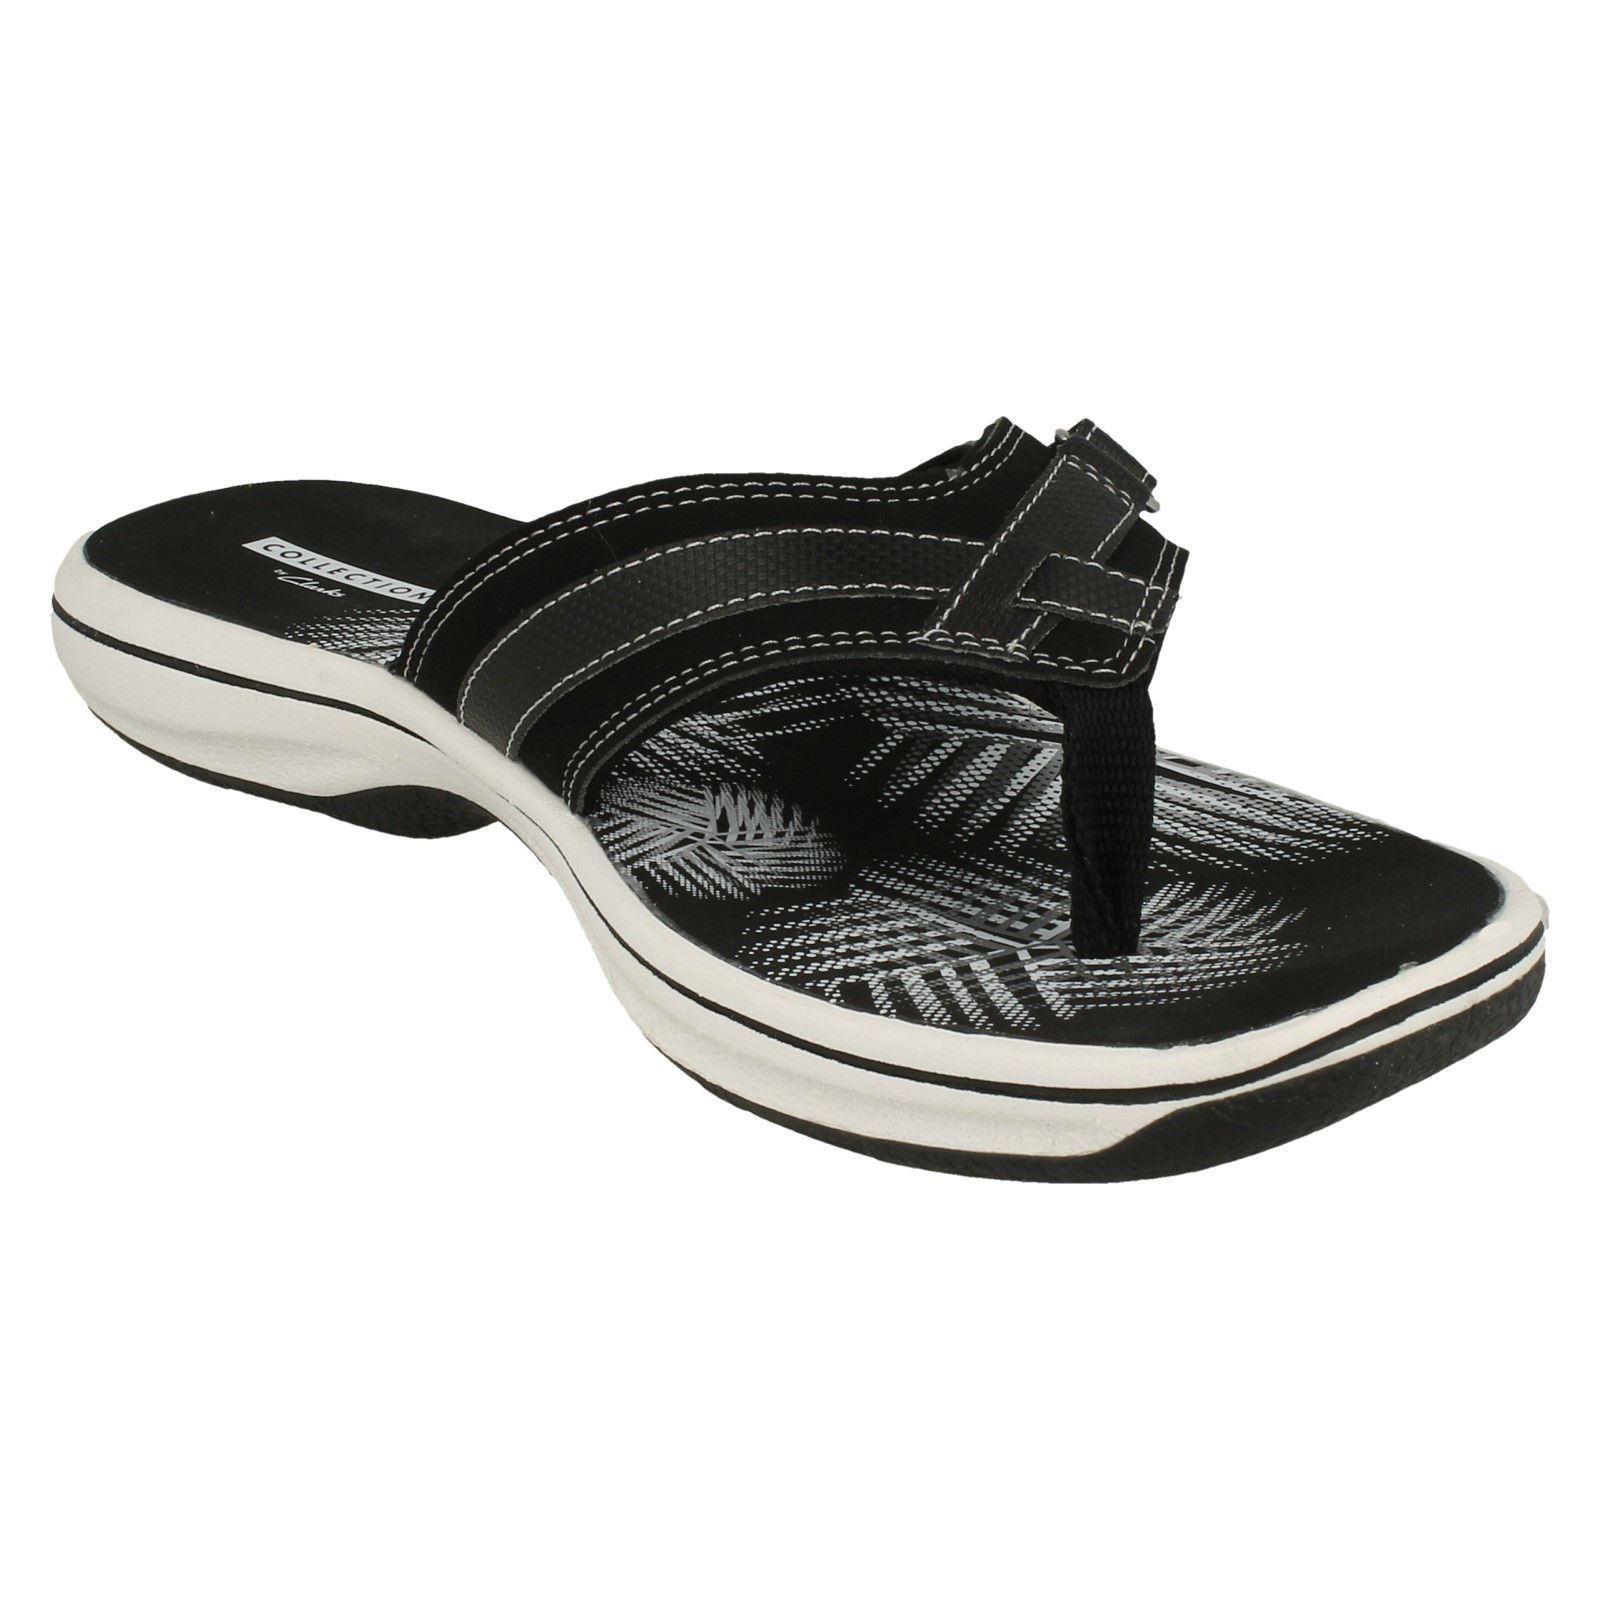 464054def16 Ladies Clarks Toe Post Sandals Flip Flops  Brinkley Sea